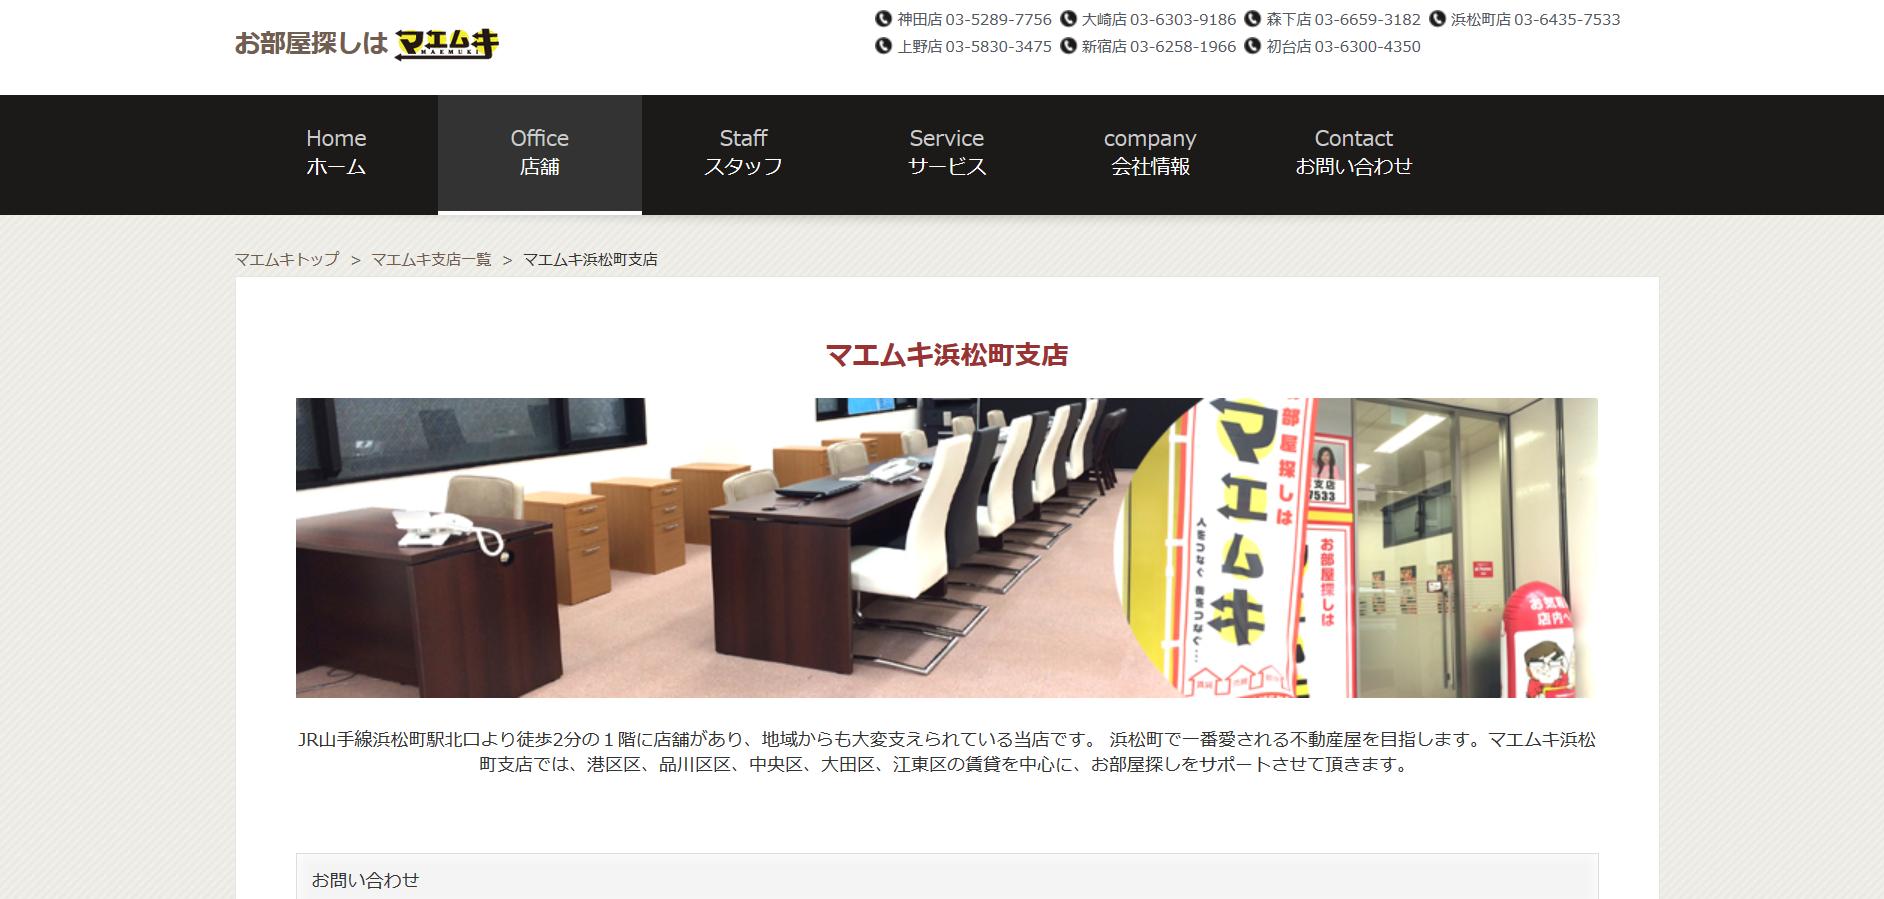 マエムキ 浜松町支店